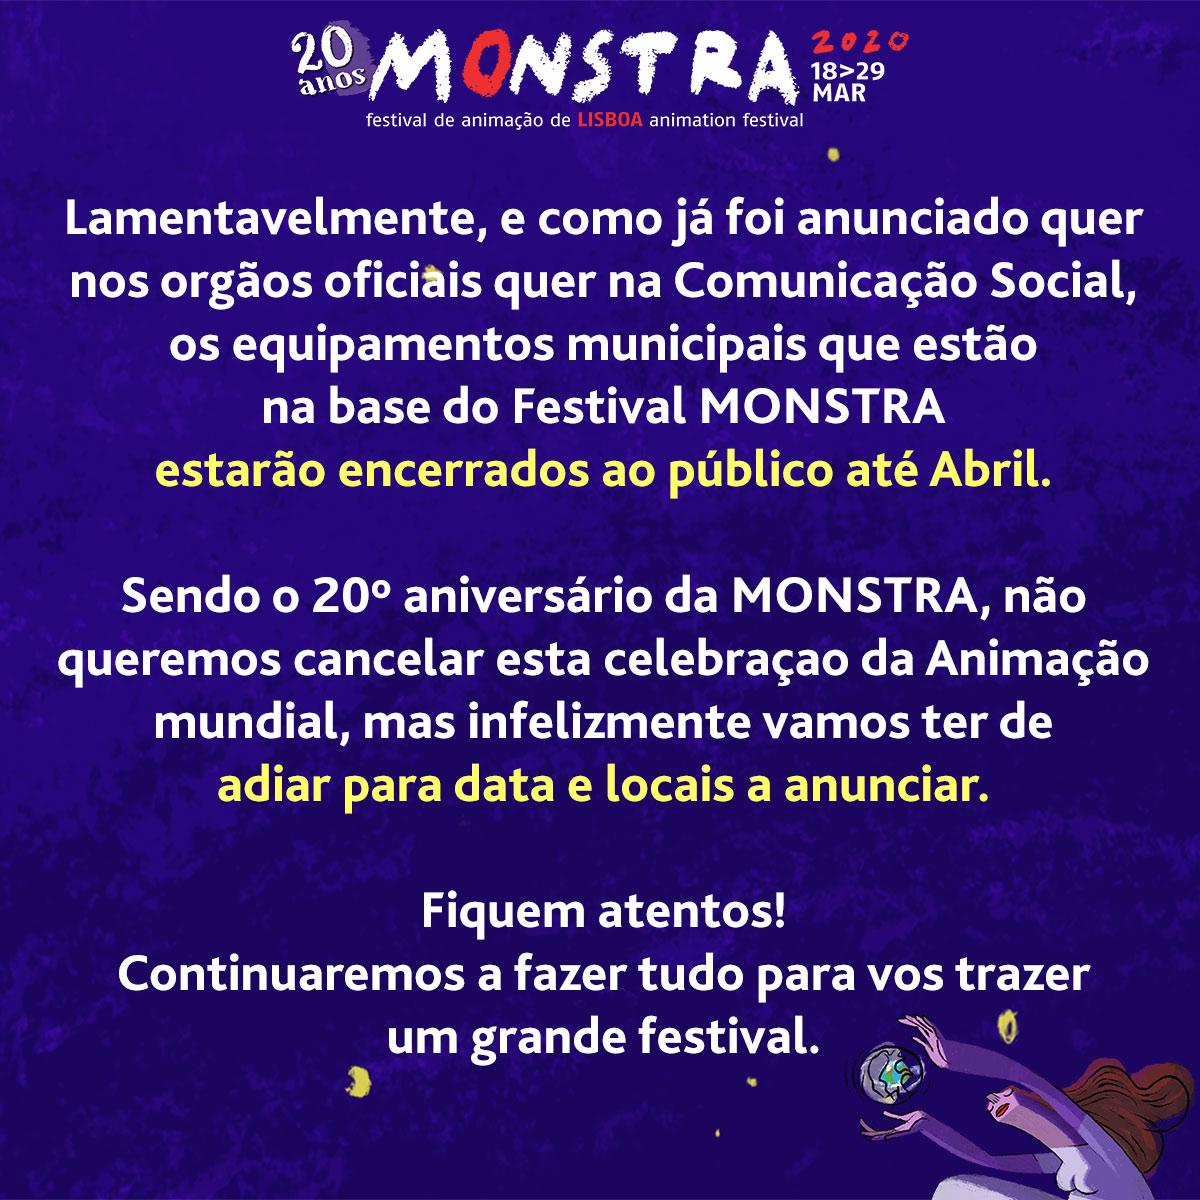 Monstra festival announcement